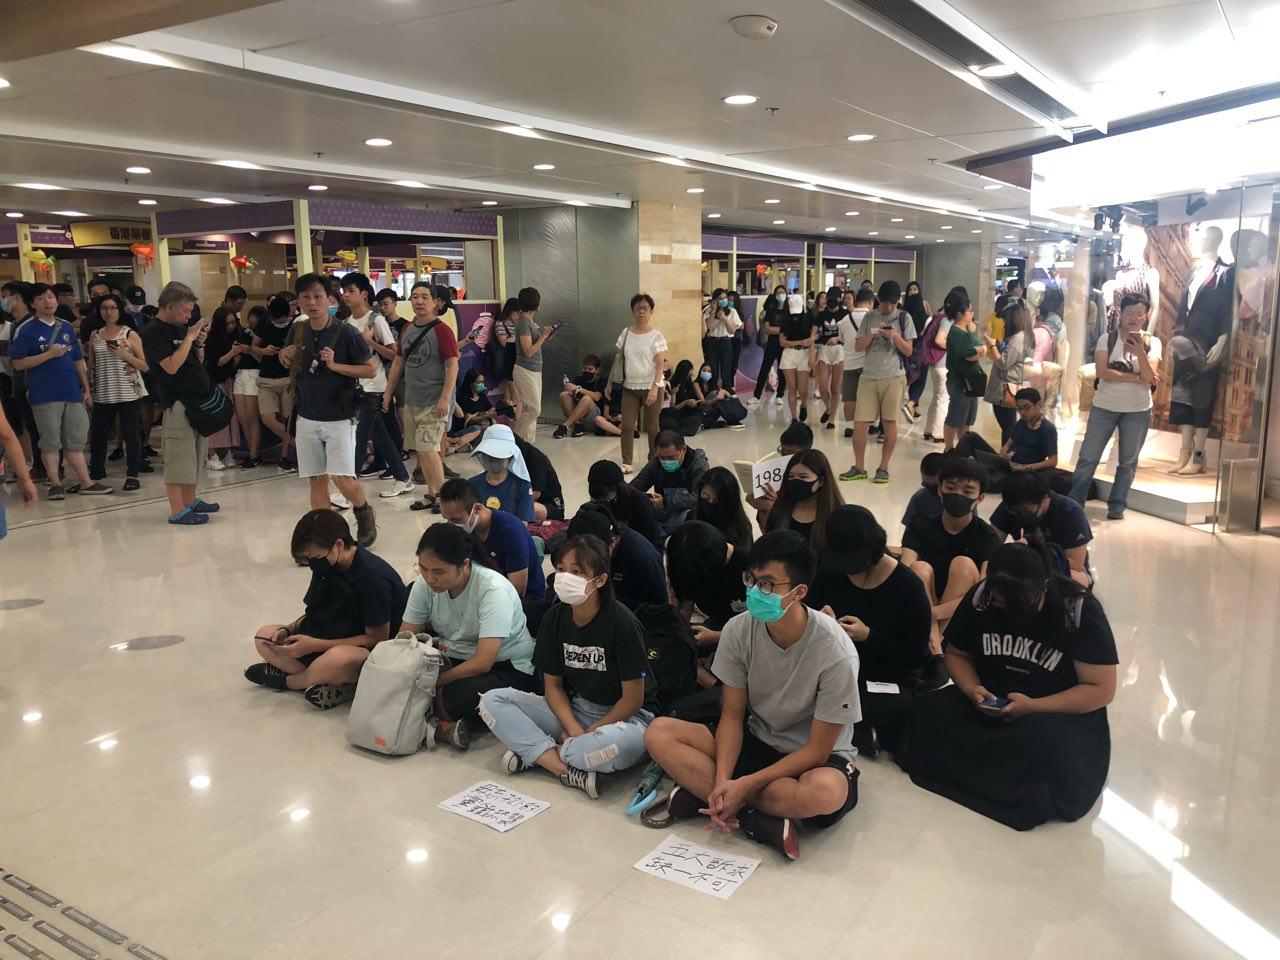 9月7日下午,香港市民自發在港鐵旗下的九龍灣德福商場靜坐抗議,要求港鐵公開831太子站警察無差別襲擊市民的監控錄像。(梁珍/大紀元)